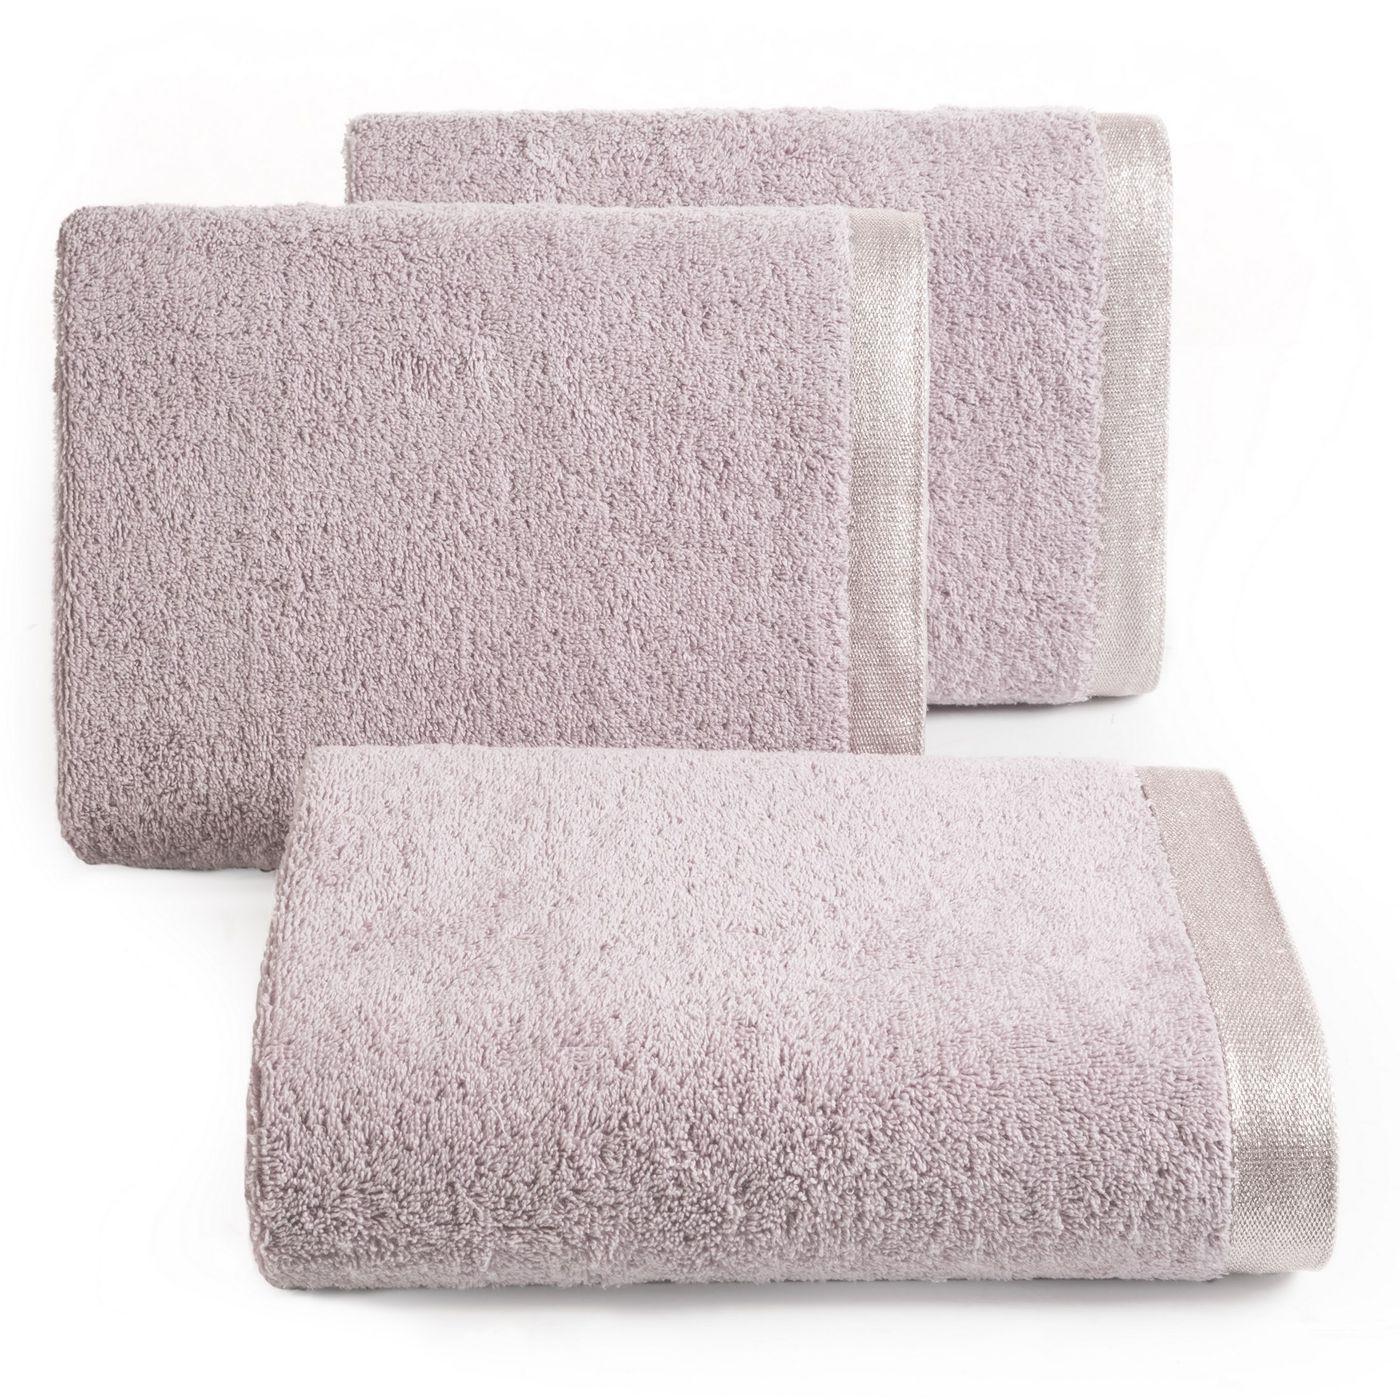 Ręcznik z bawełny z błyszczącym brzegiem 50x90cm różowy